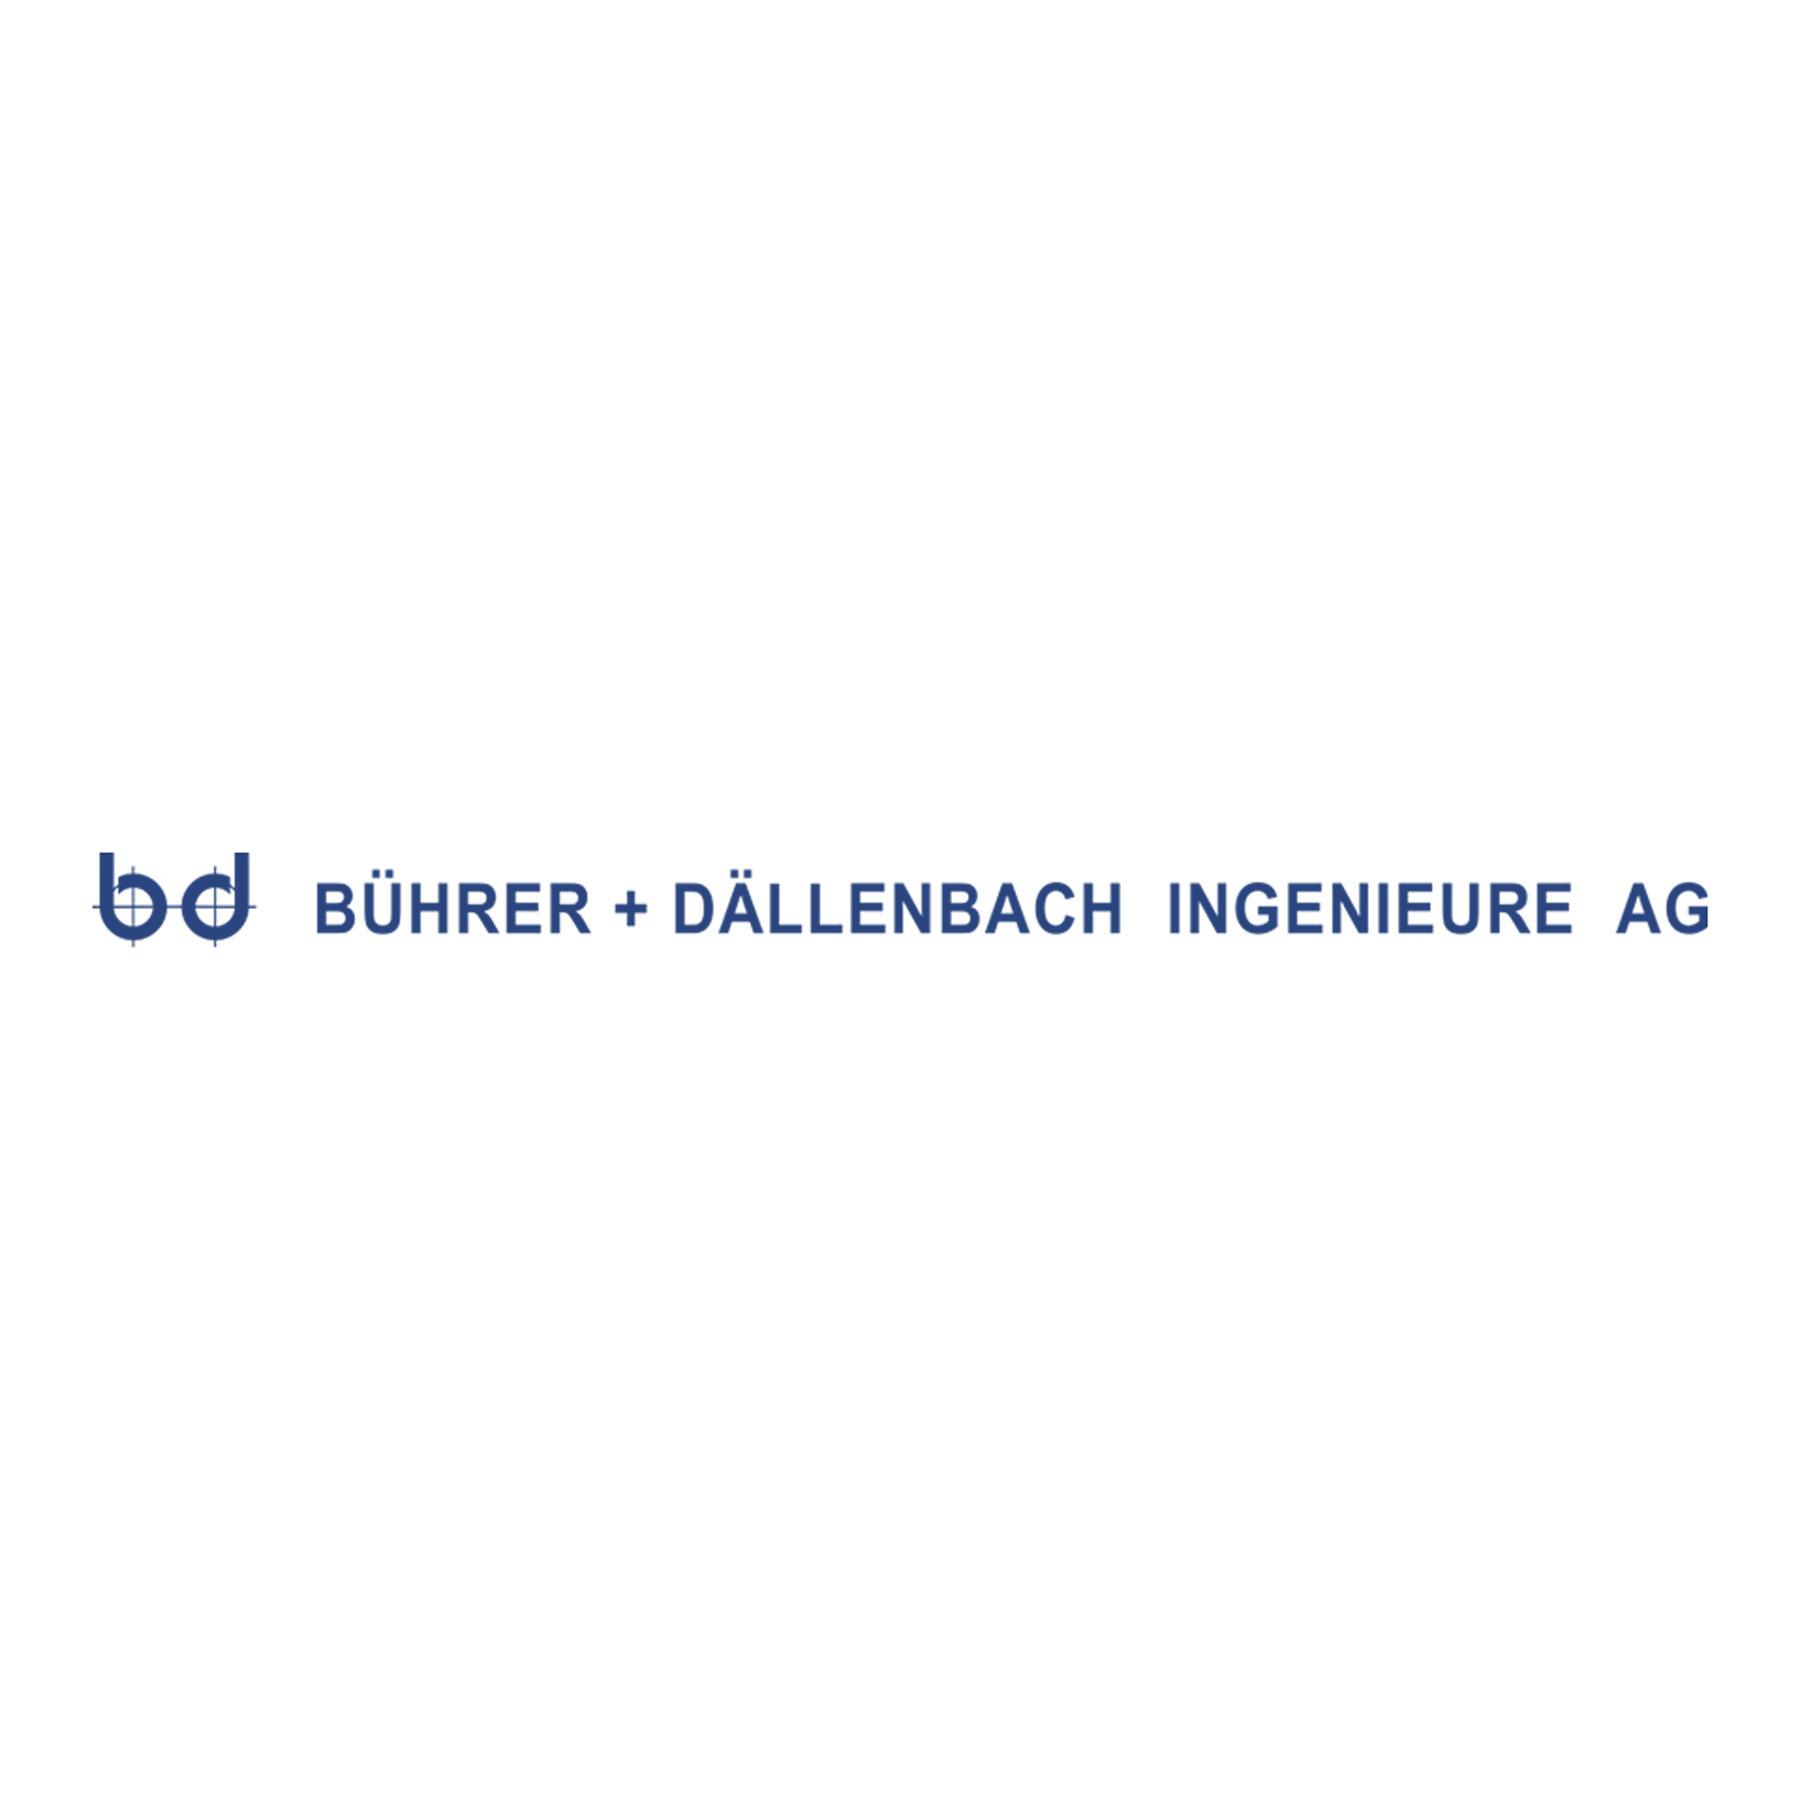 Bührer + Dällenbach Ingenieure AG